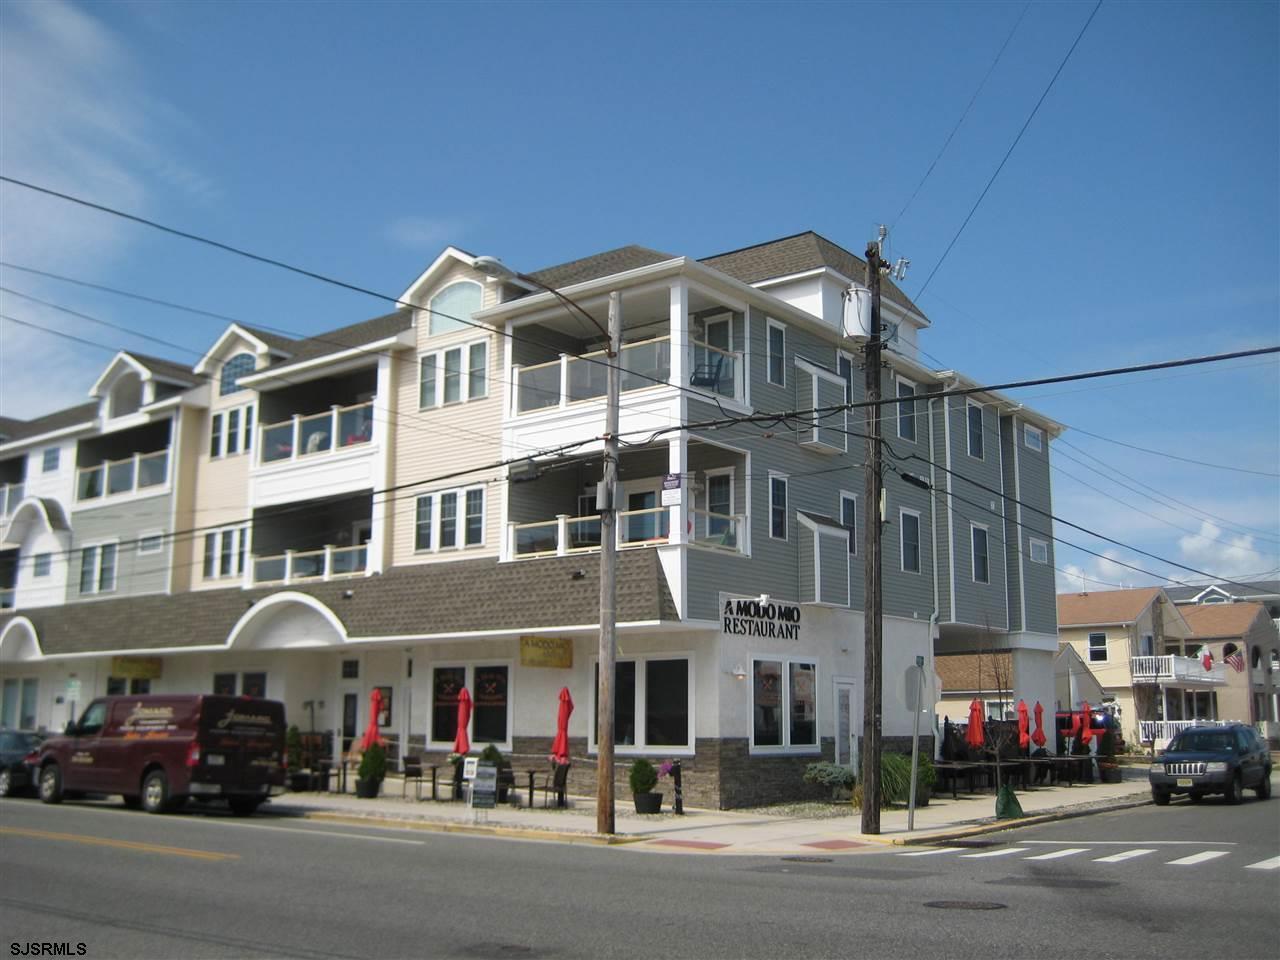 5904 Landis Ave, Sea Isle City, NJ 08243